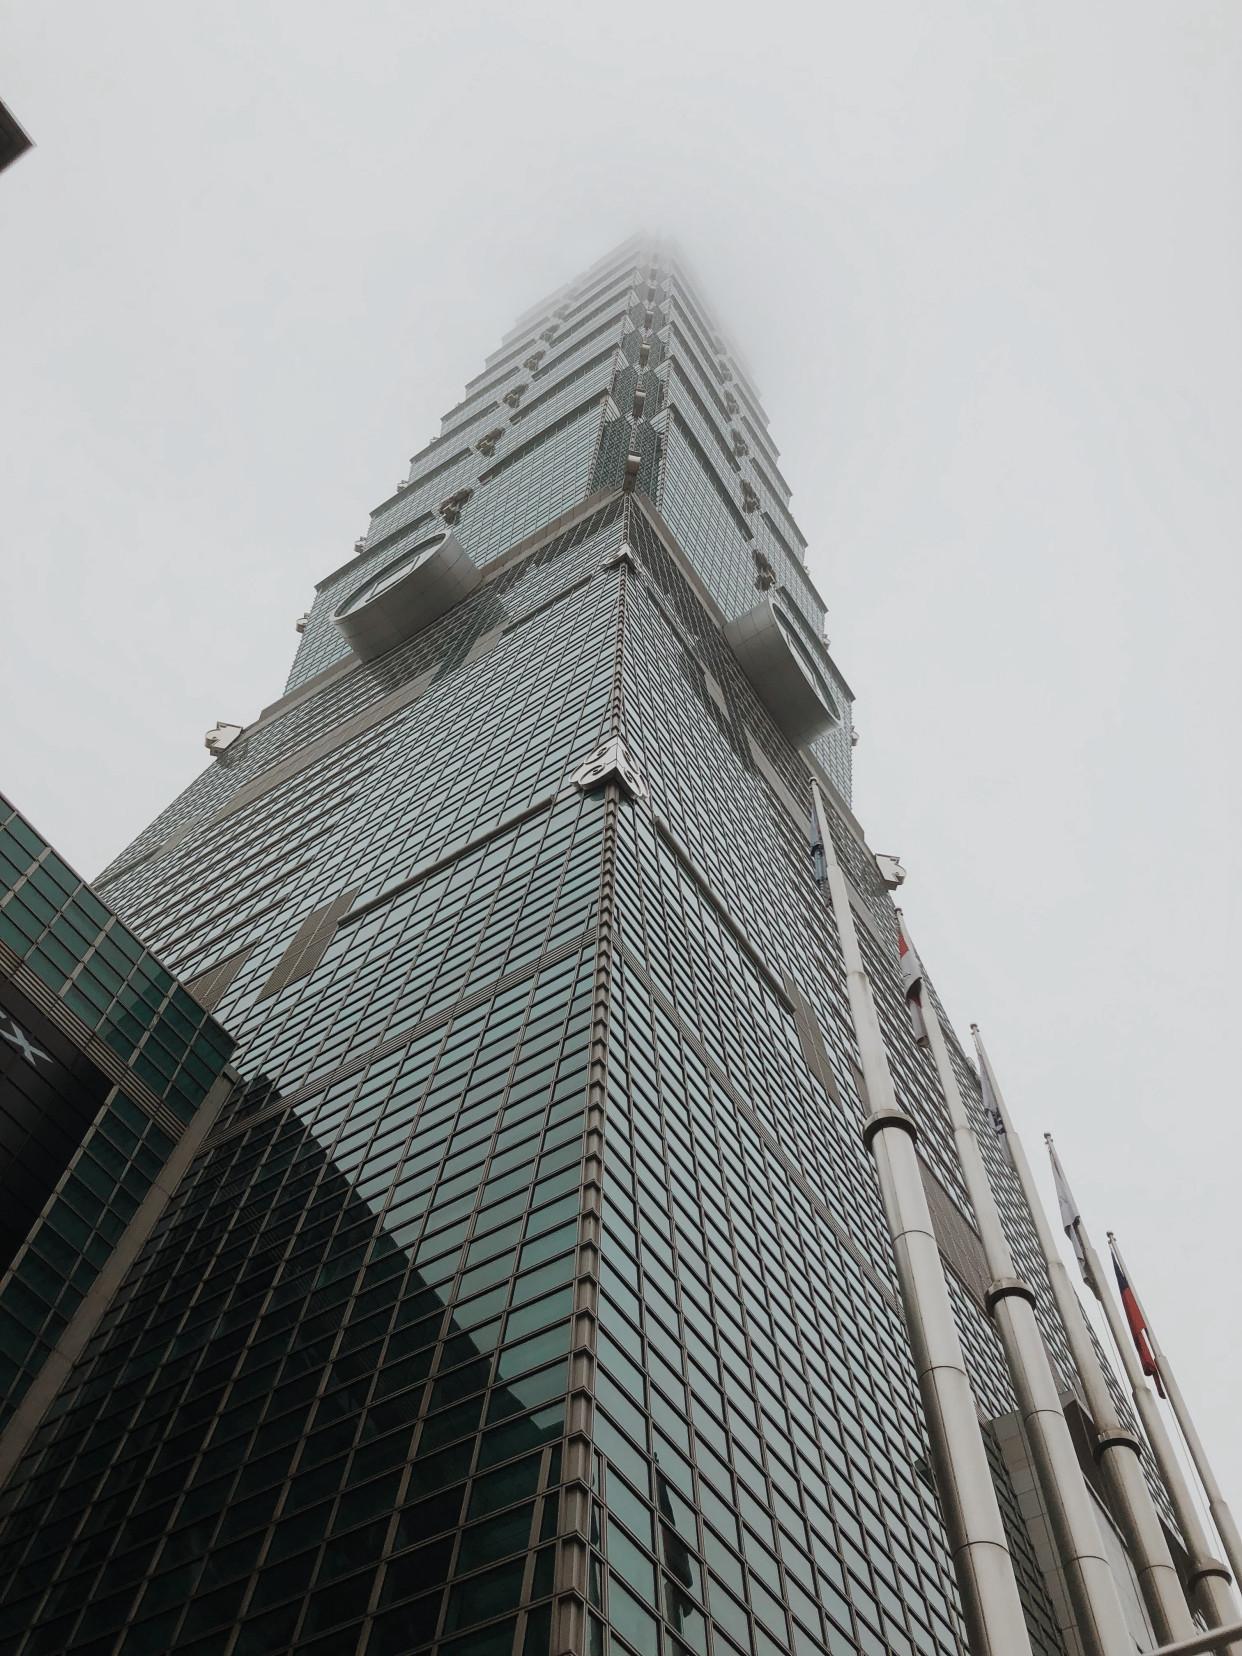 中国第一座世界最高建筑:曾统治世界6年,世界第一座500多米高